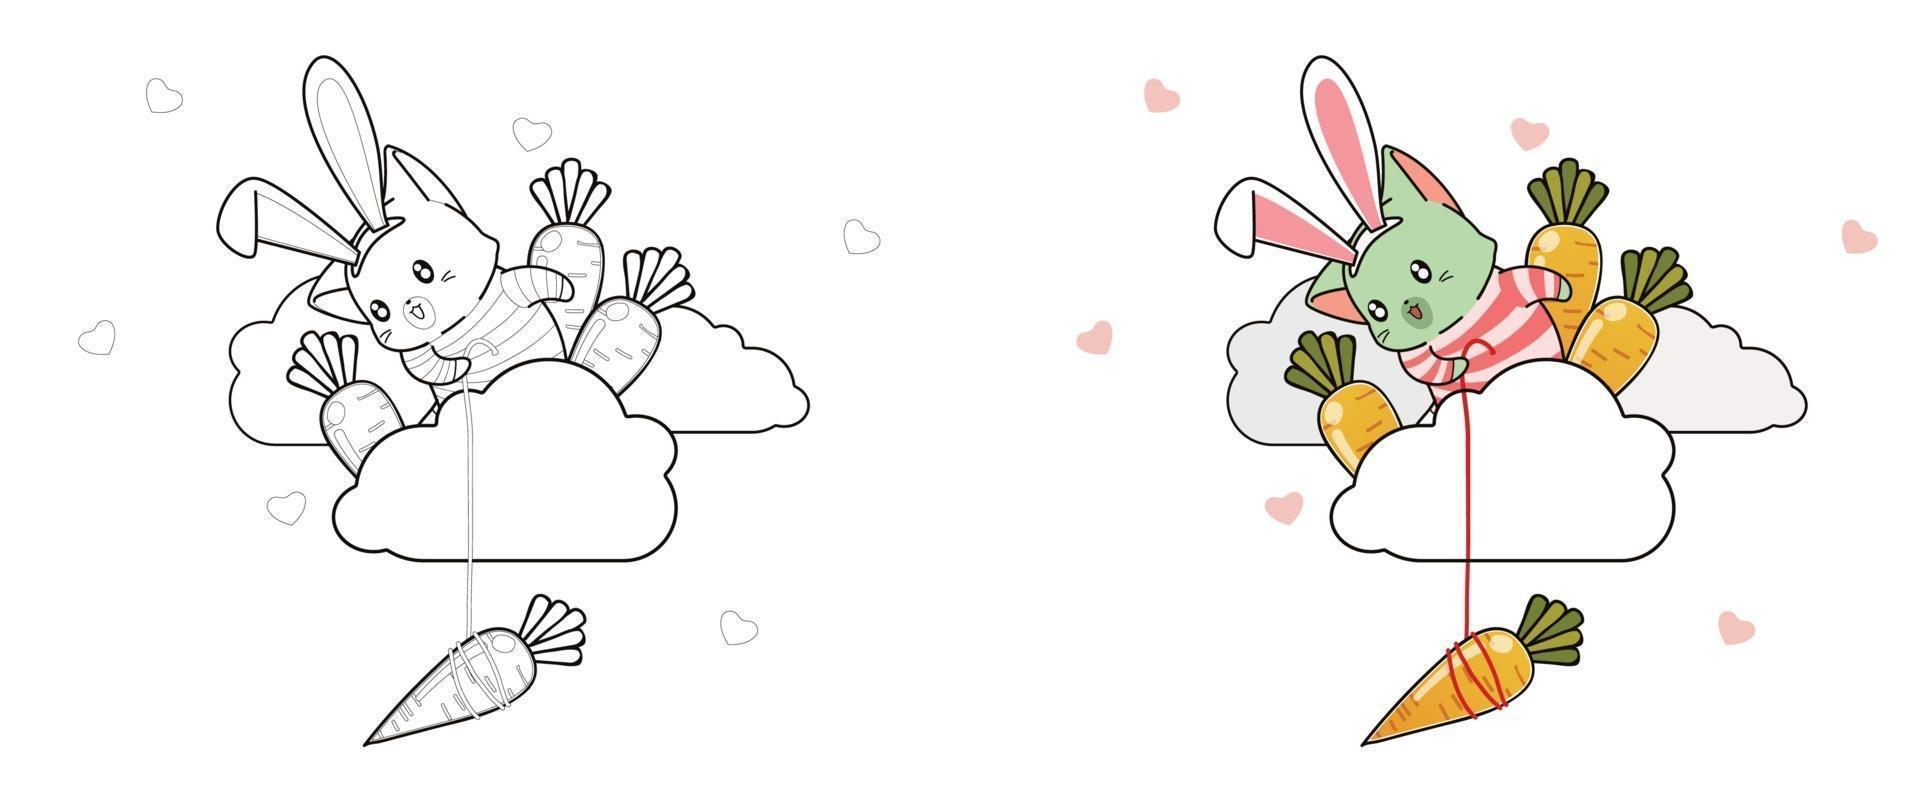 gato e cenouras na nuvem para colorir para crianças vetor